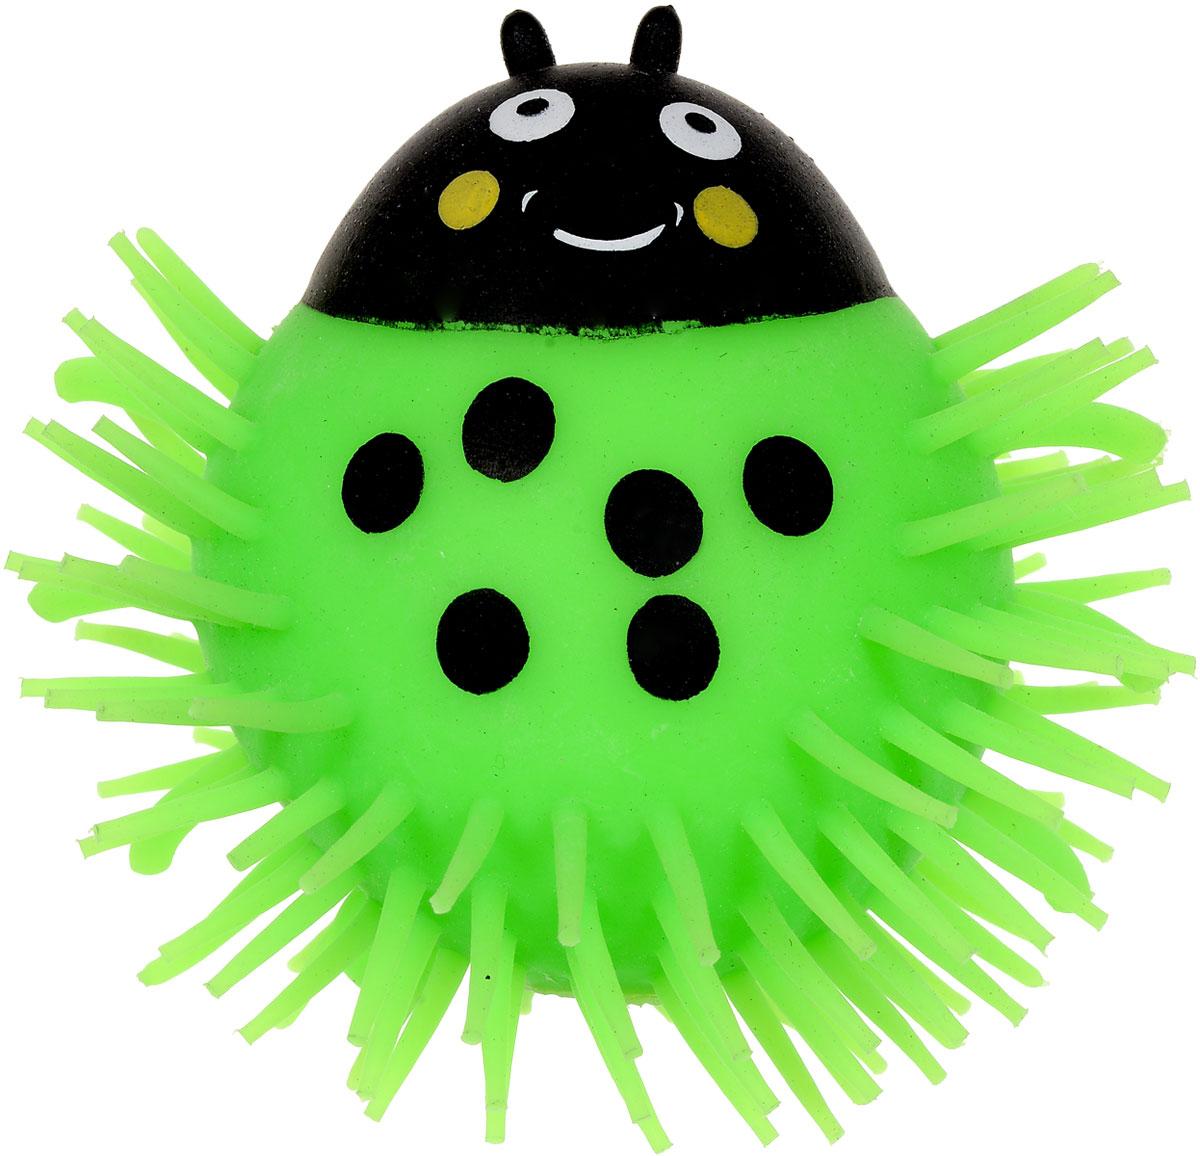 1TOY Игрушка-антистресс Ё-Ёжик Жук цвет зеленыйТ56227_зеленыйЁ-Ёжик - это яркая игрушка-антистресс - мягкая, приятная на ощупь и напоминающая свернувшегося ёжика. Взяв игрушку в руки, расстаться с ней просто невозможно! Её не только приятно держать в руках, если перекинуть игрушку из руки в руку, она начнёт мигать цветными огоньками. Данная игрушка рассчитана на широкую целевую аудиторию, как детей от трёх лет, так и взрослых. Ё-Ёжик обязательно станет самым любимым забавным сувениром. Игрушка работает от незаменяемых батареек.